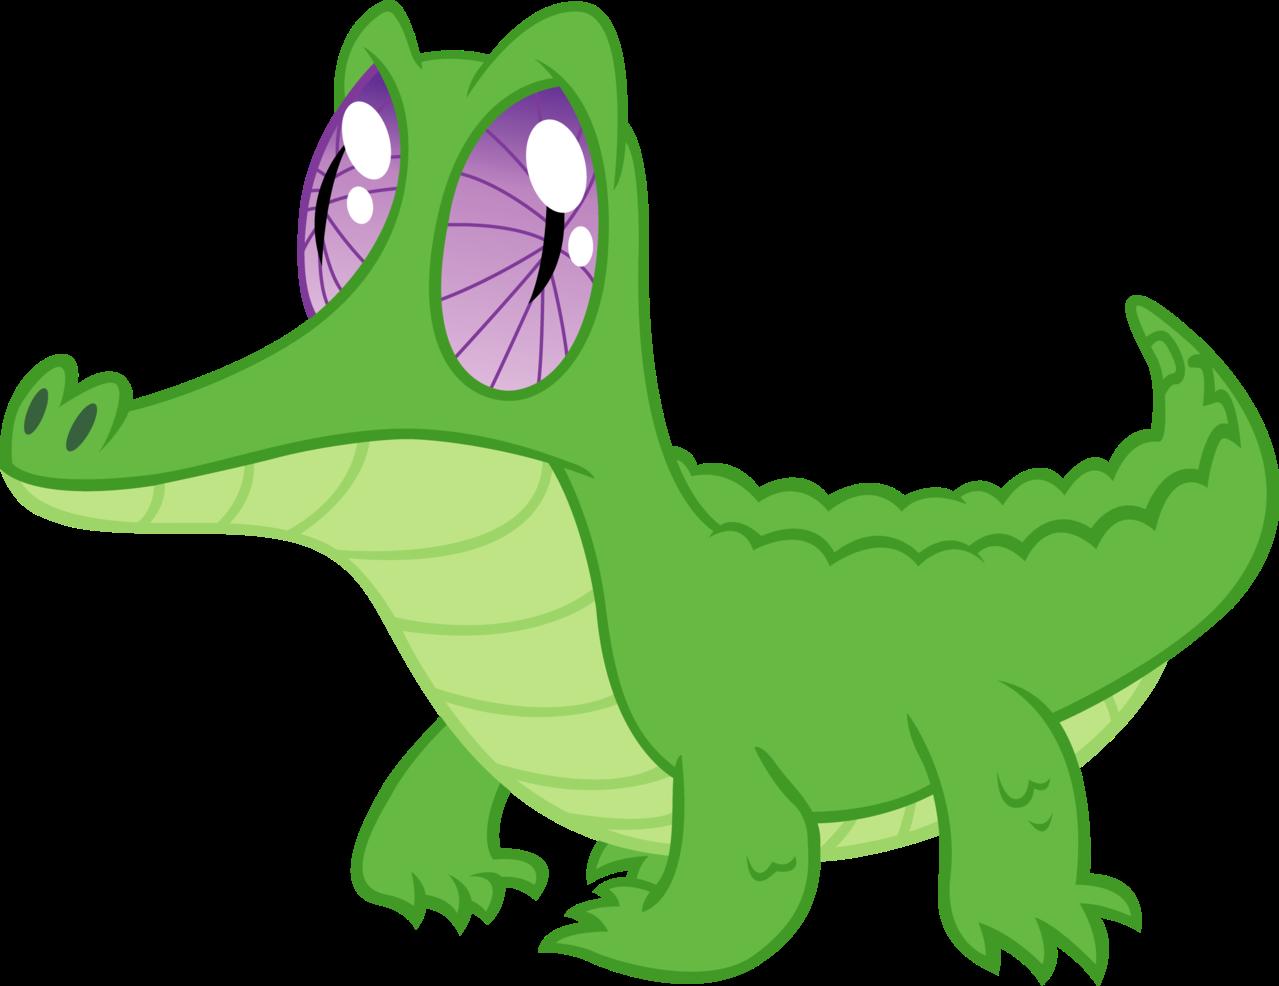 Gummy sticker by felix. Crocodile clipart editorial cartooning